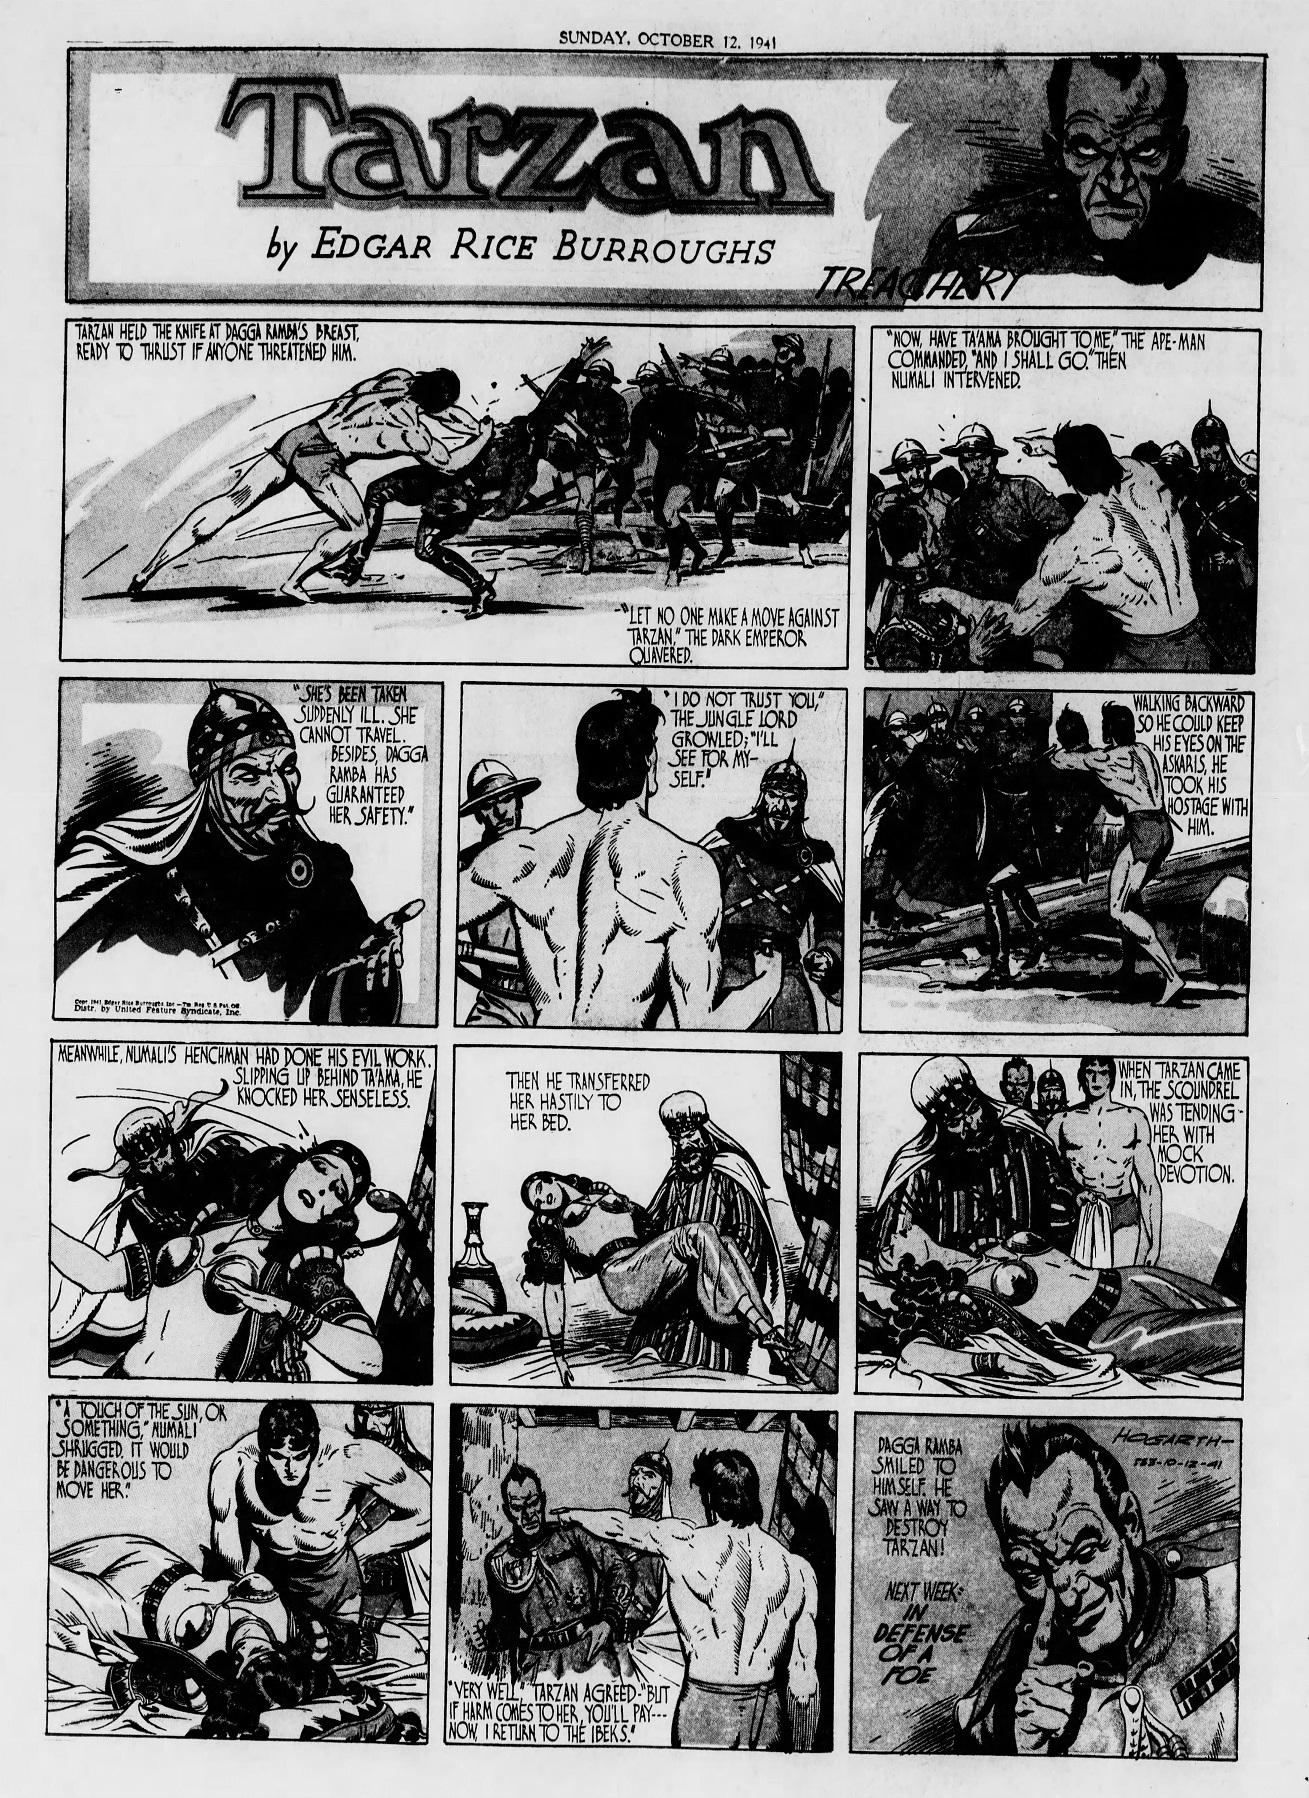 The_Brooklyn_Daily_Eagle_Sun__Oct_12__1941_(9).jpg